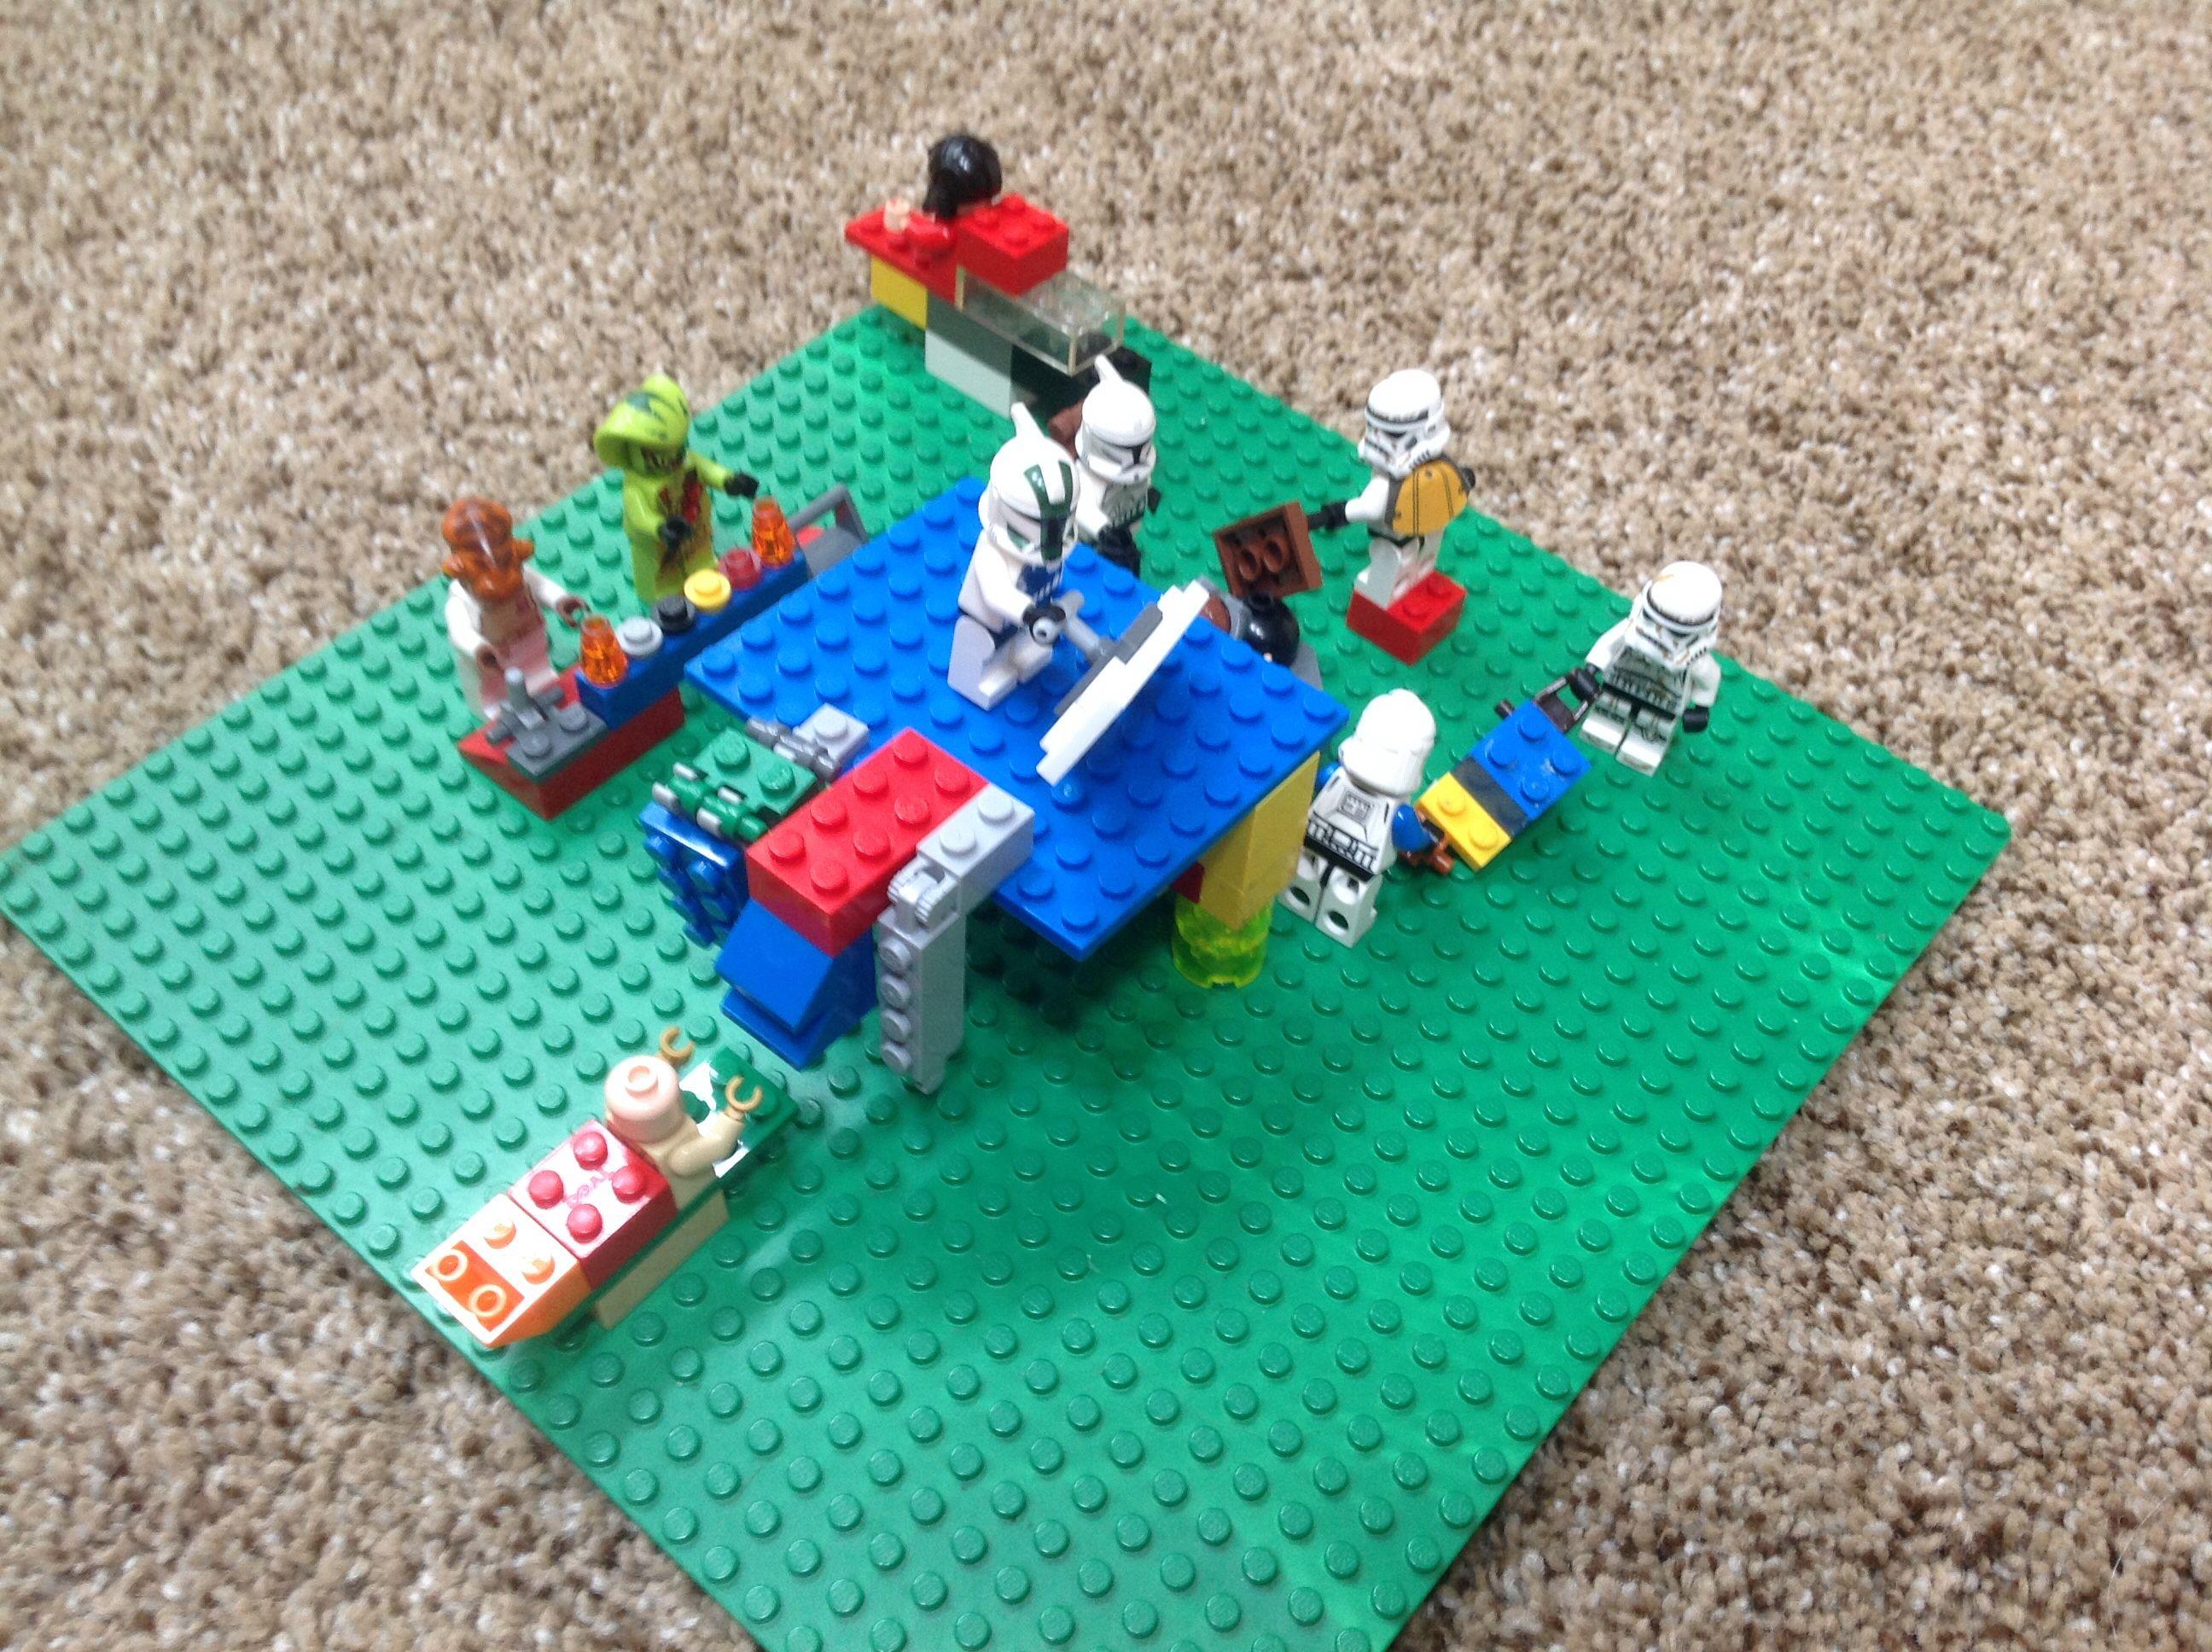 Lego car wash created by T Hanke